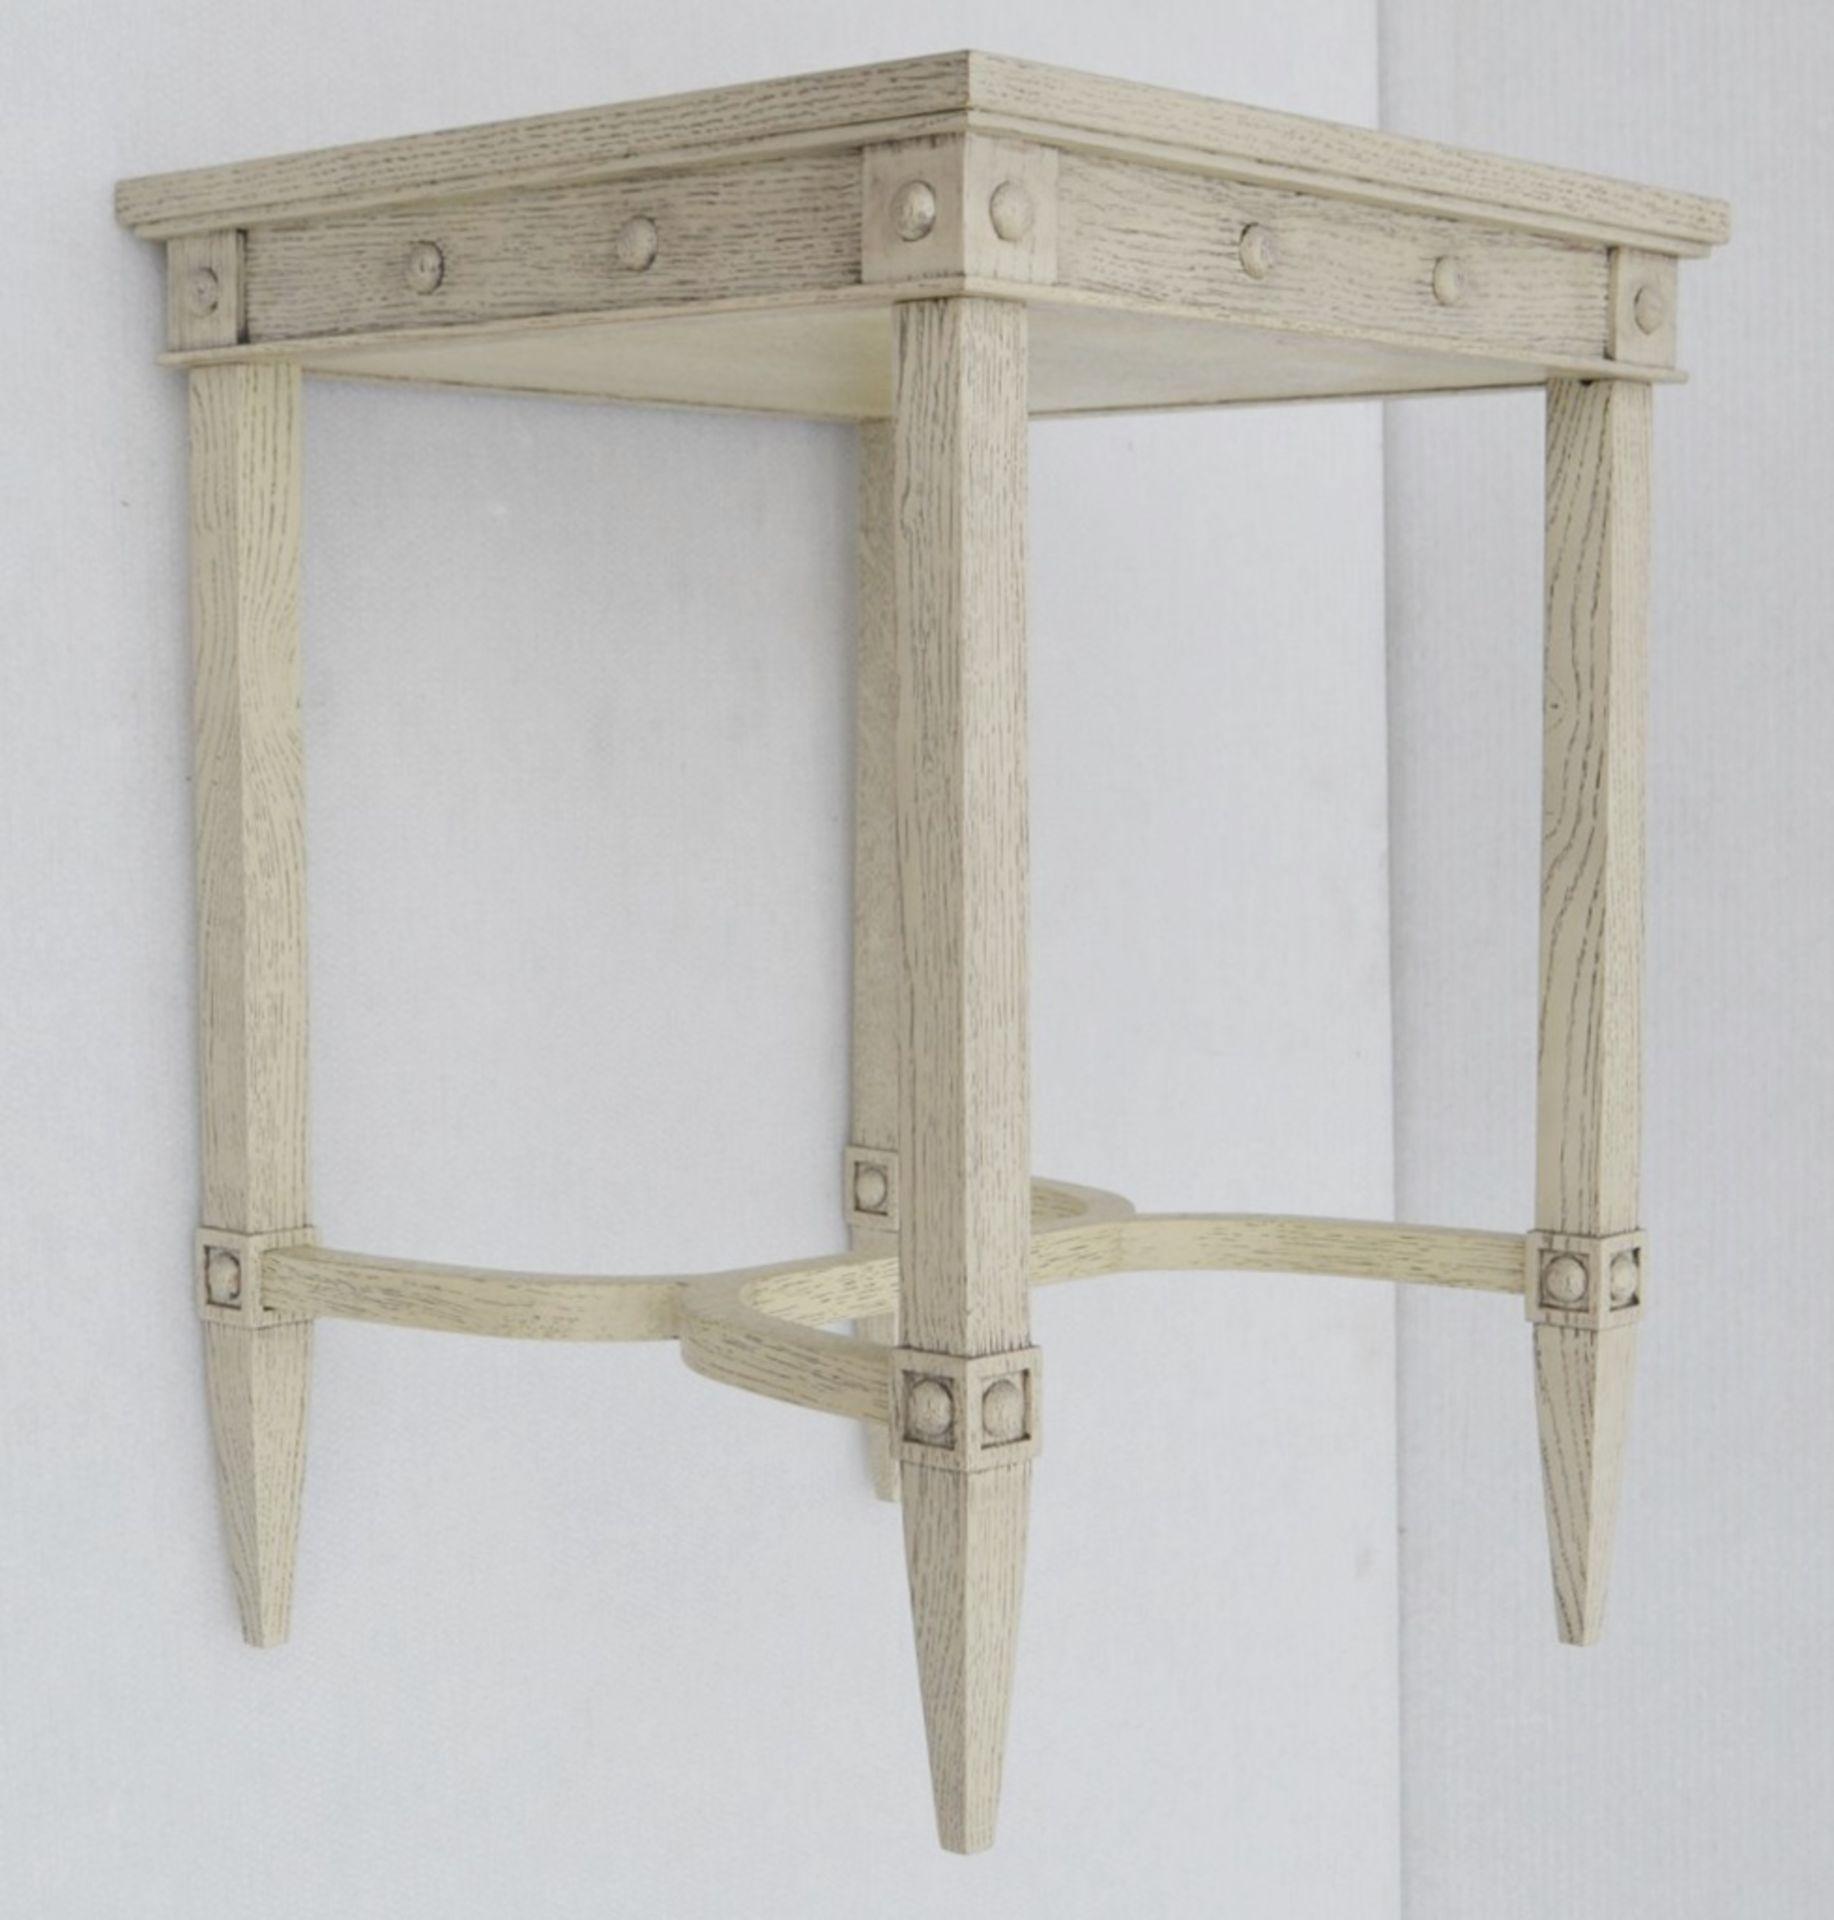 1 x JUSTIN VAN BREDA 'Thomas' Designer Georgian-inspired Occasional Table - Original RRP £1,320 - Image 4 of 8